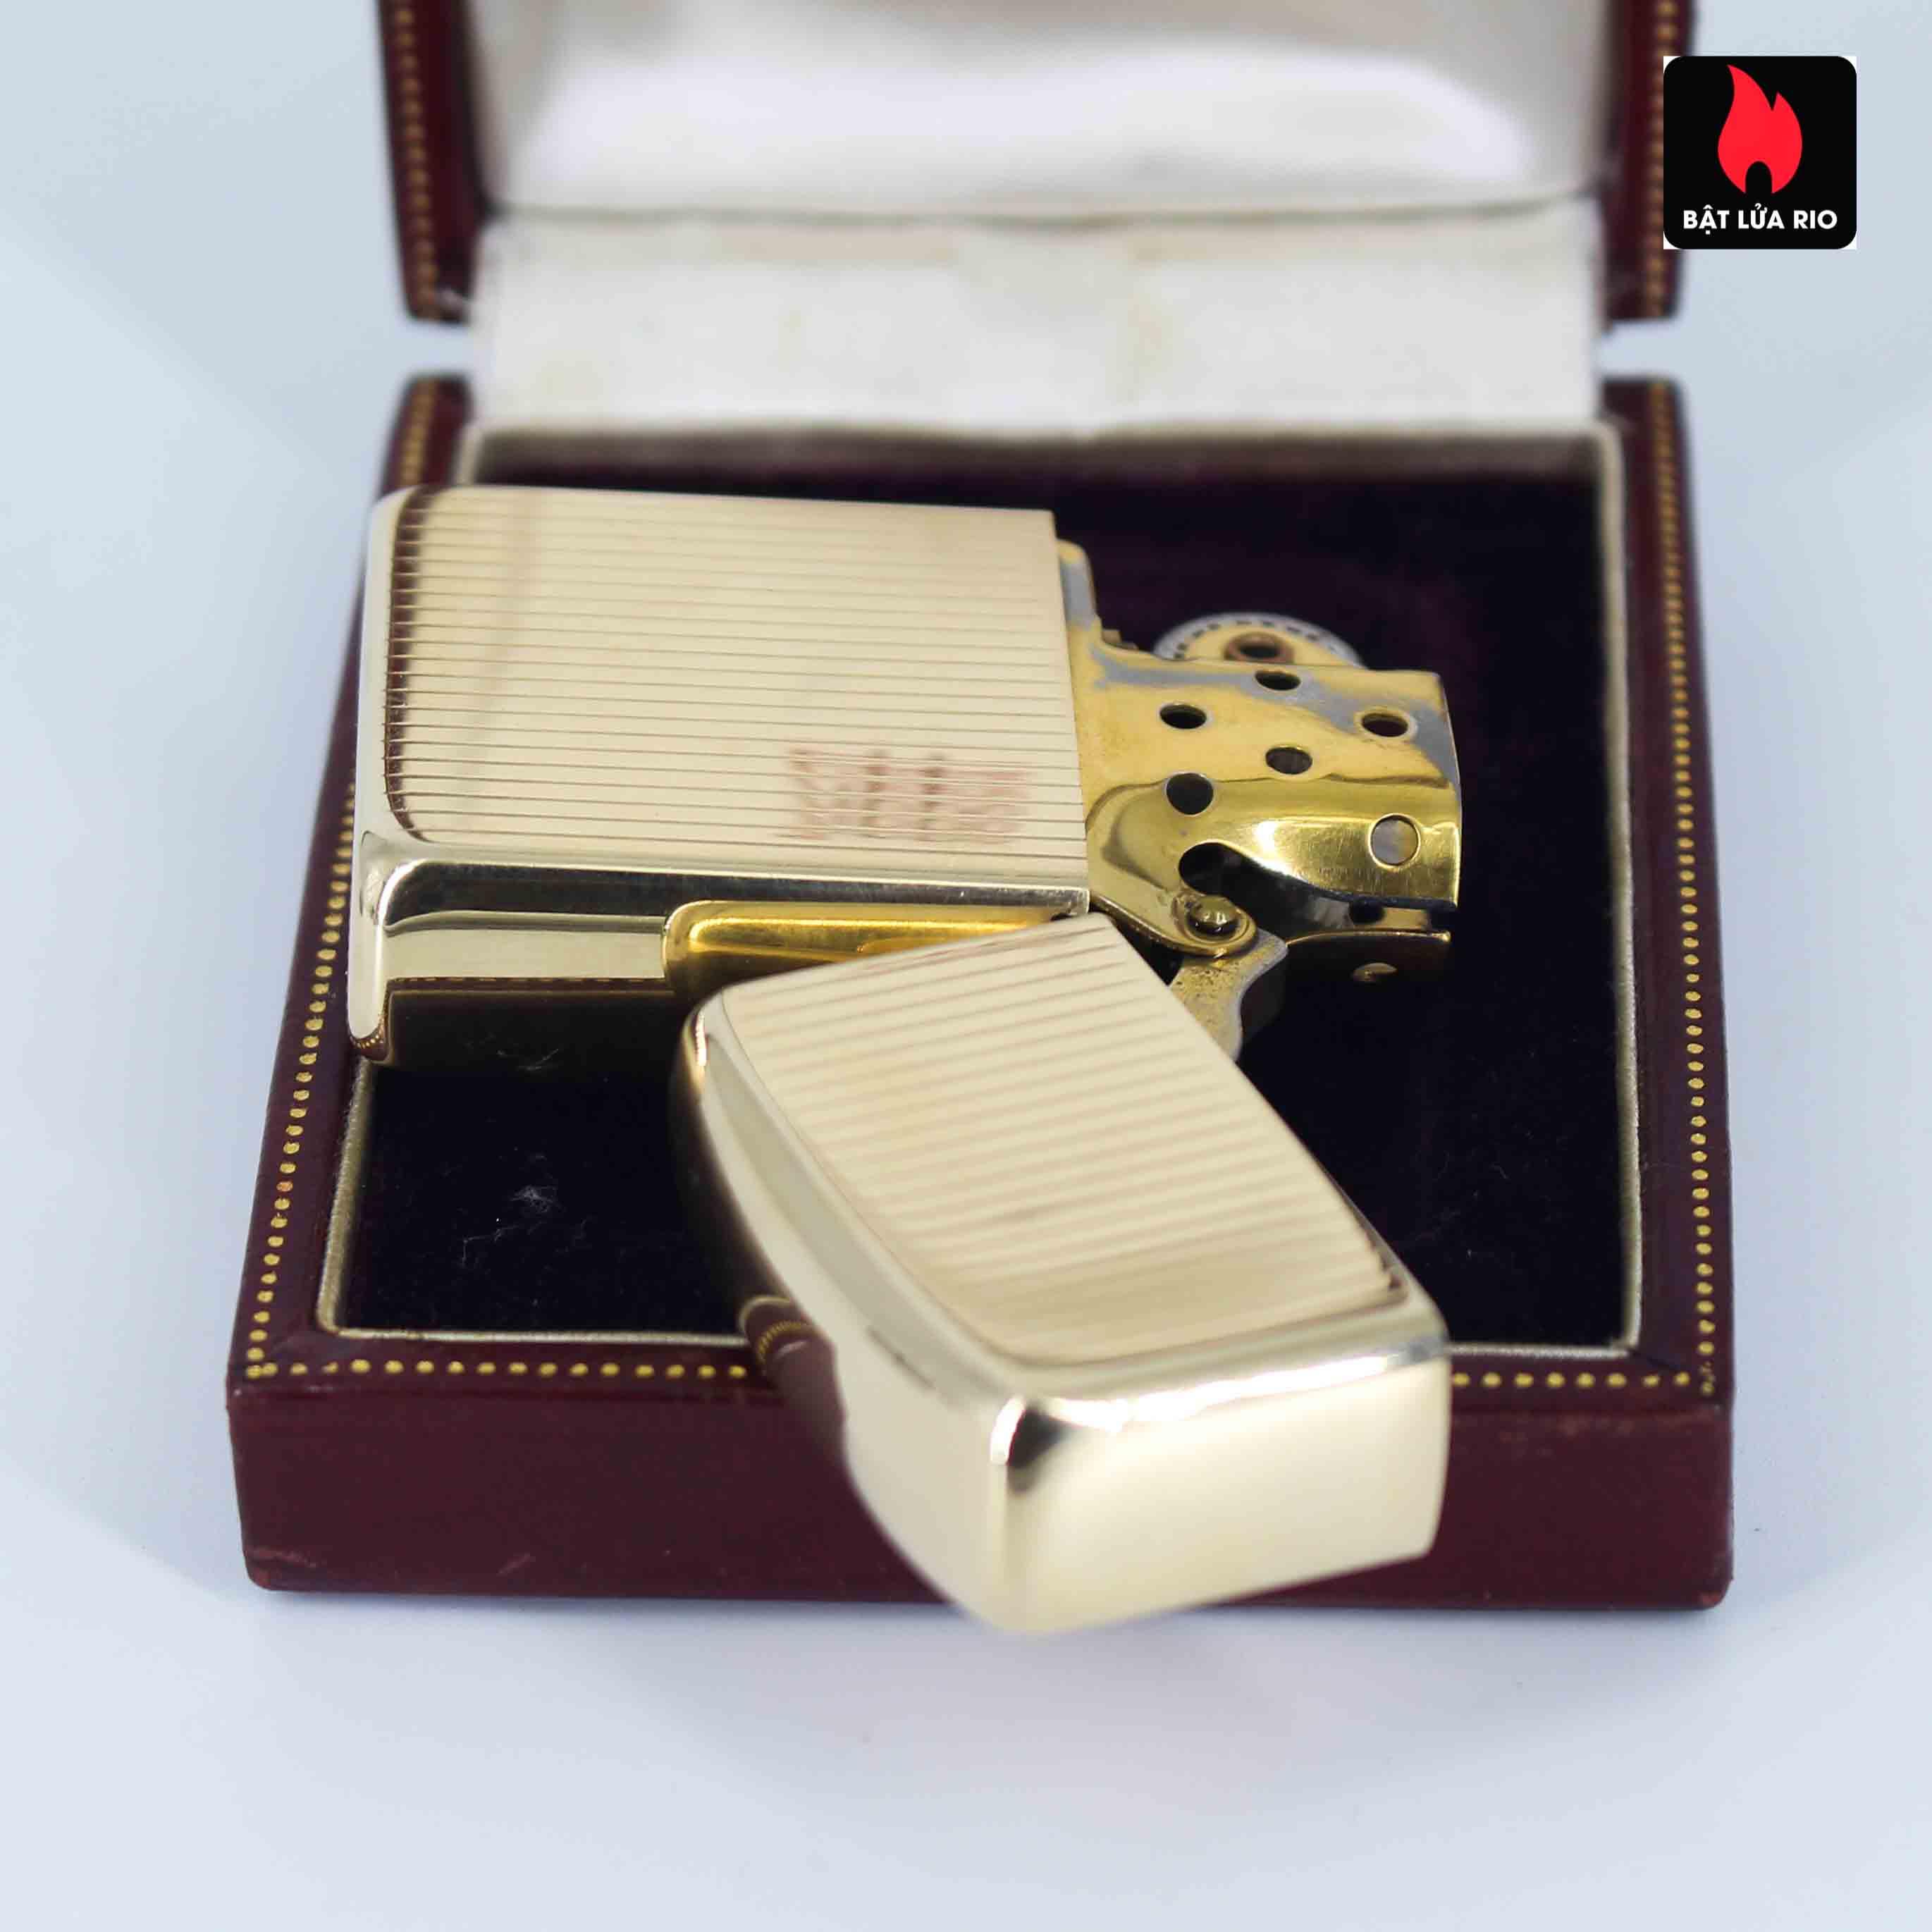 Hiếm - Zippo 1950s - Solid Gold 14k - Vàng Nguyên Khối 14k 2